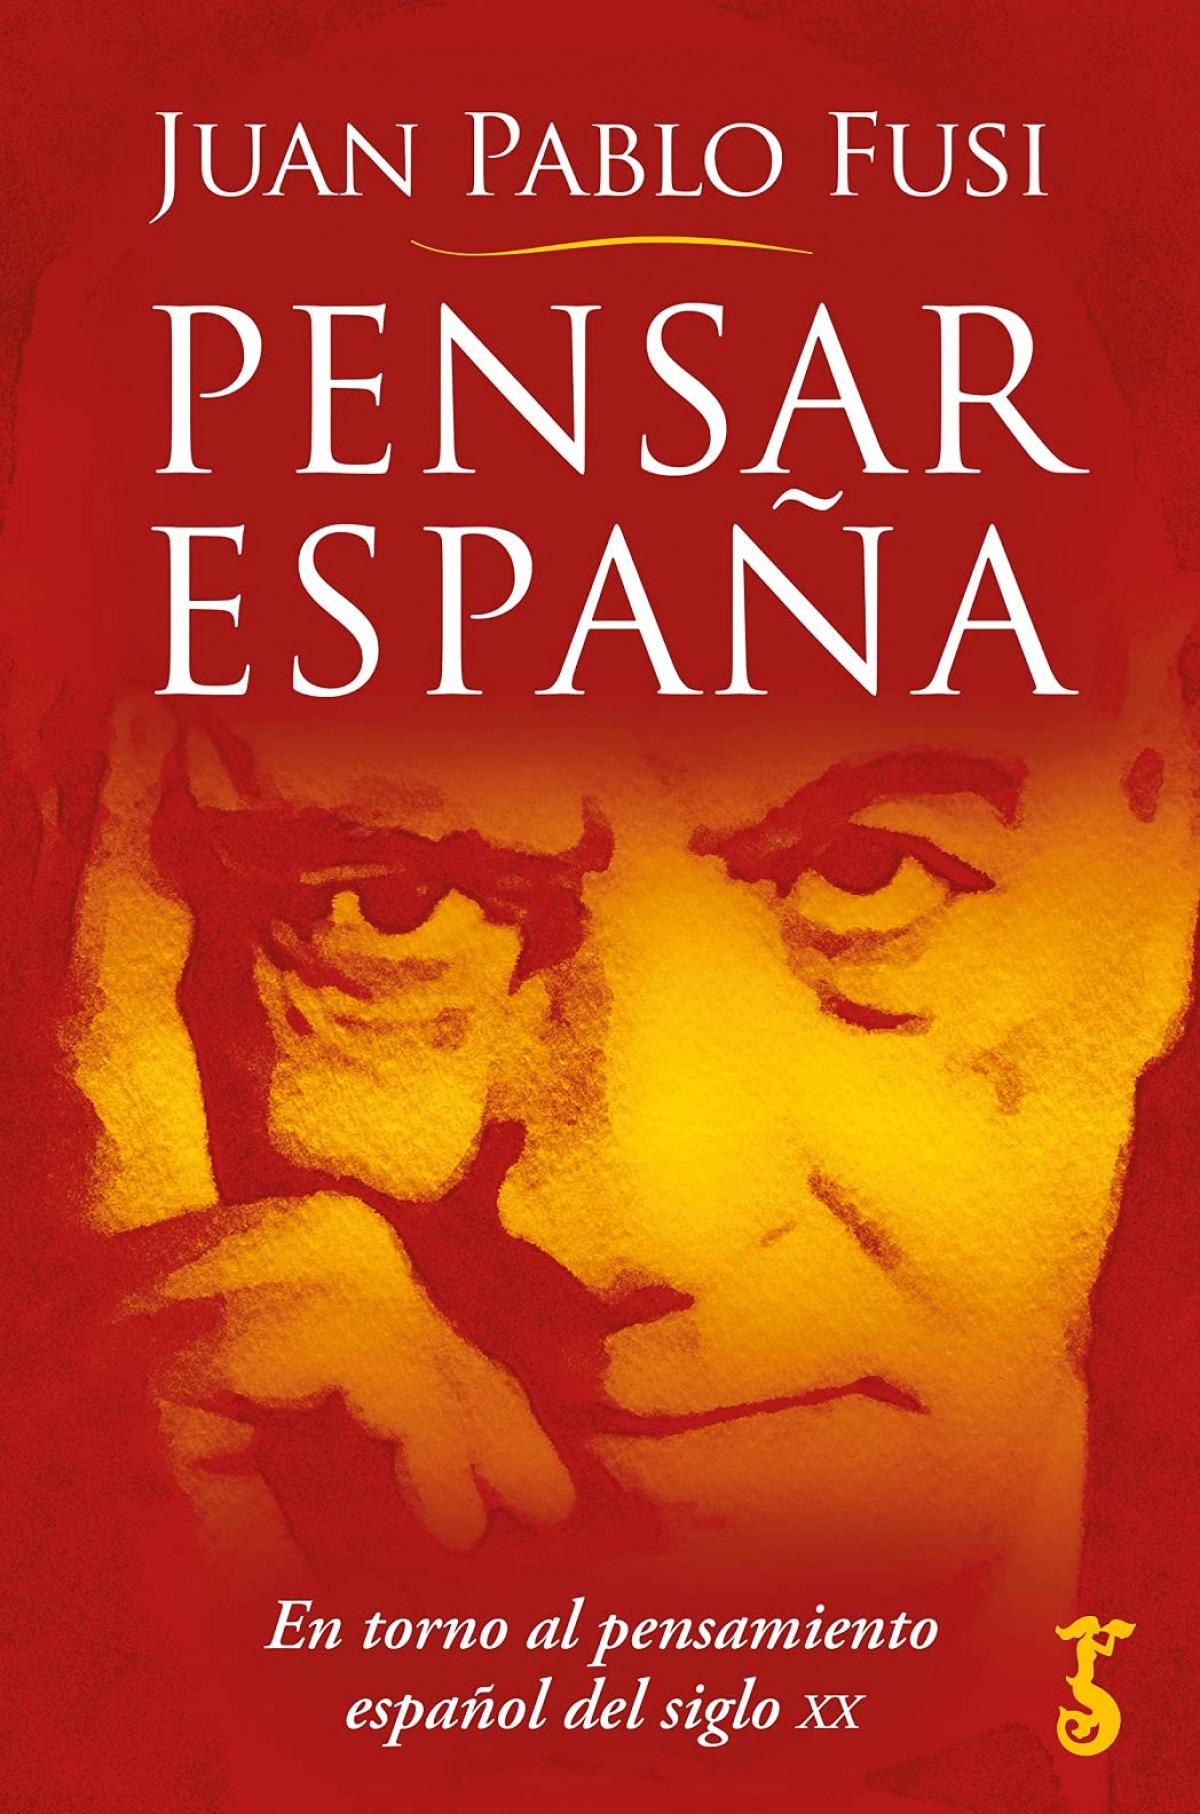 PENSAR ESPAÑA